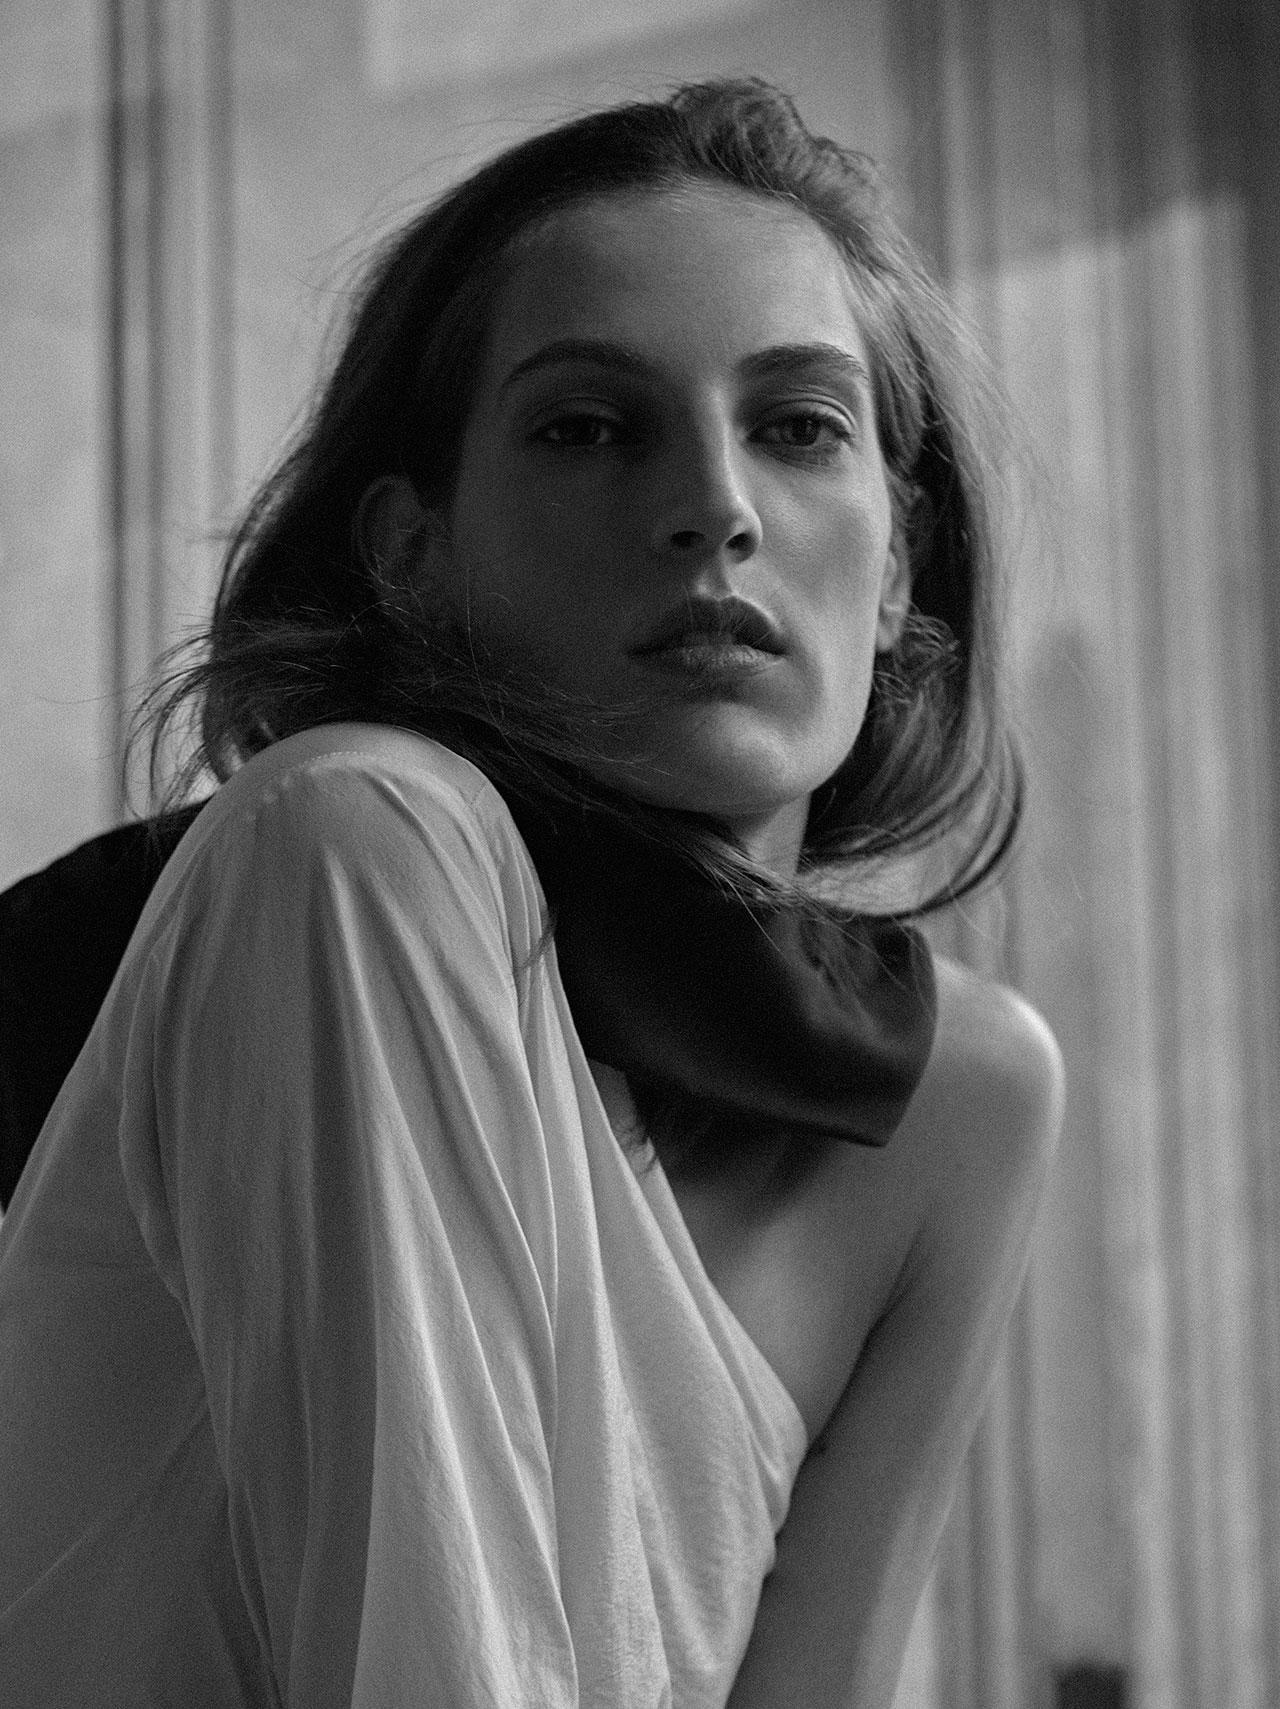 tgo_othilia_models-com_02_0341